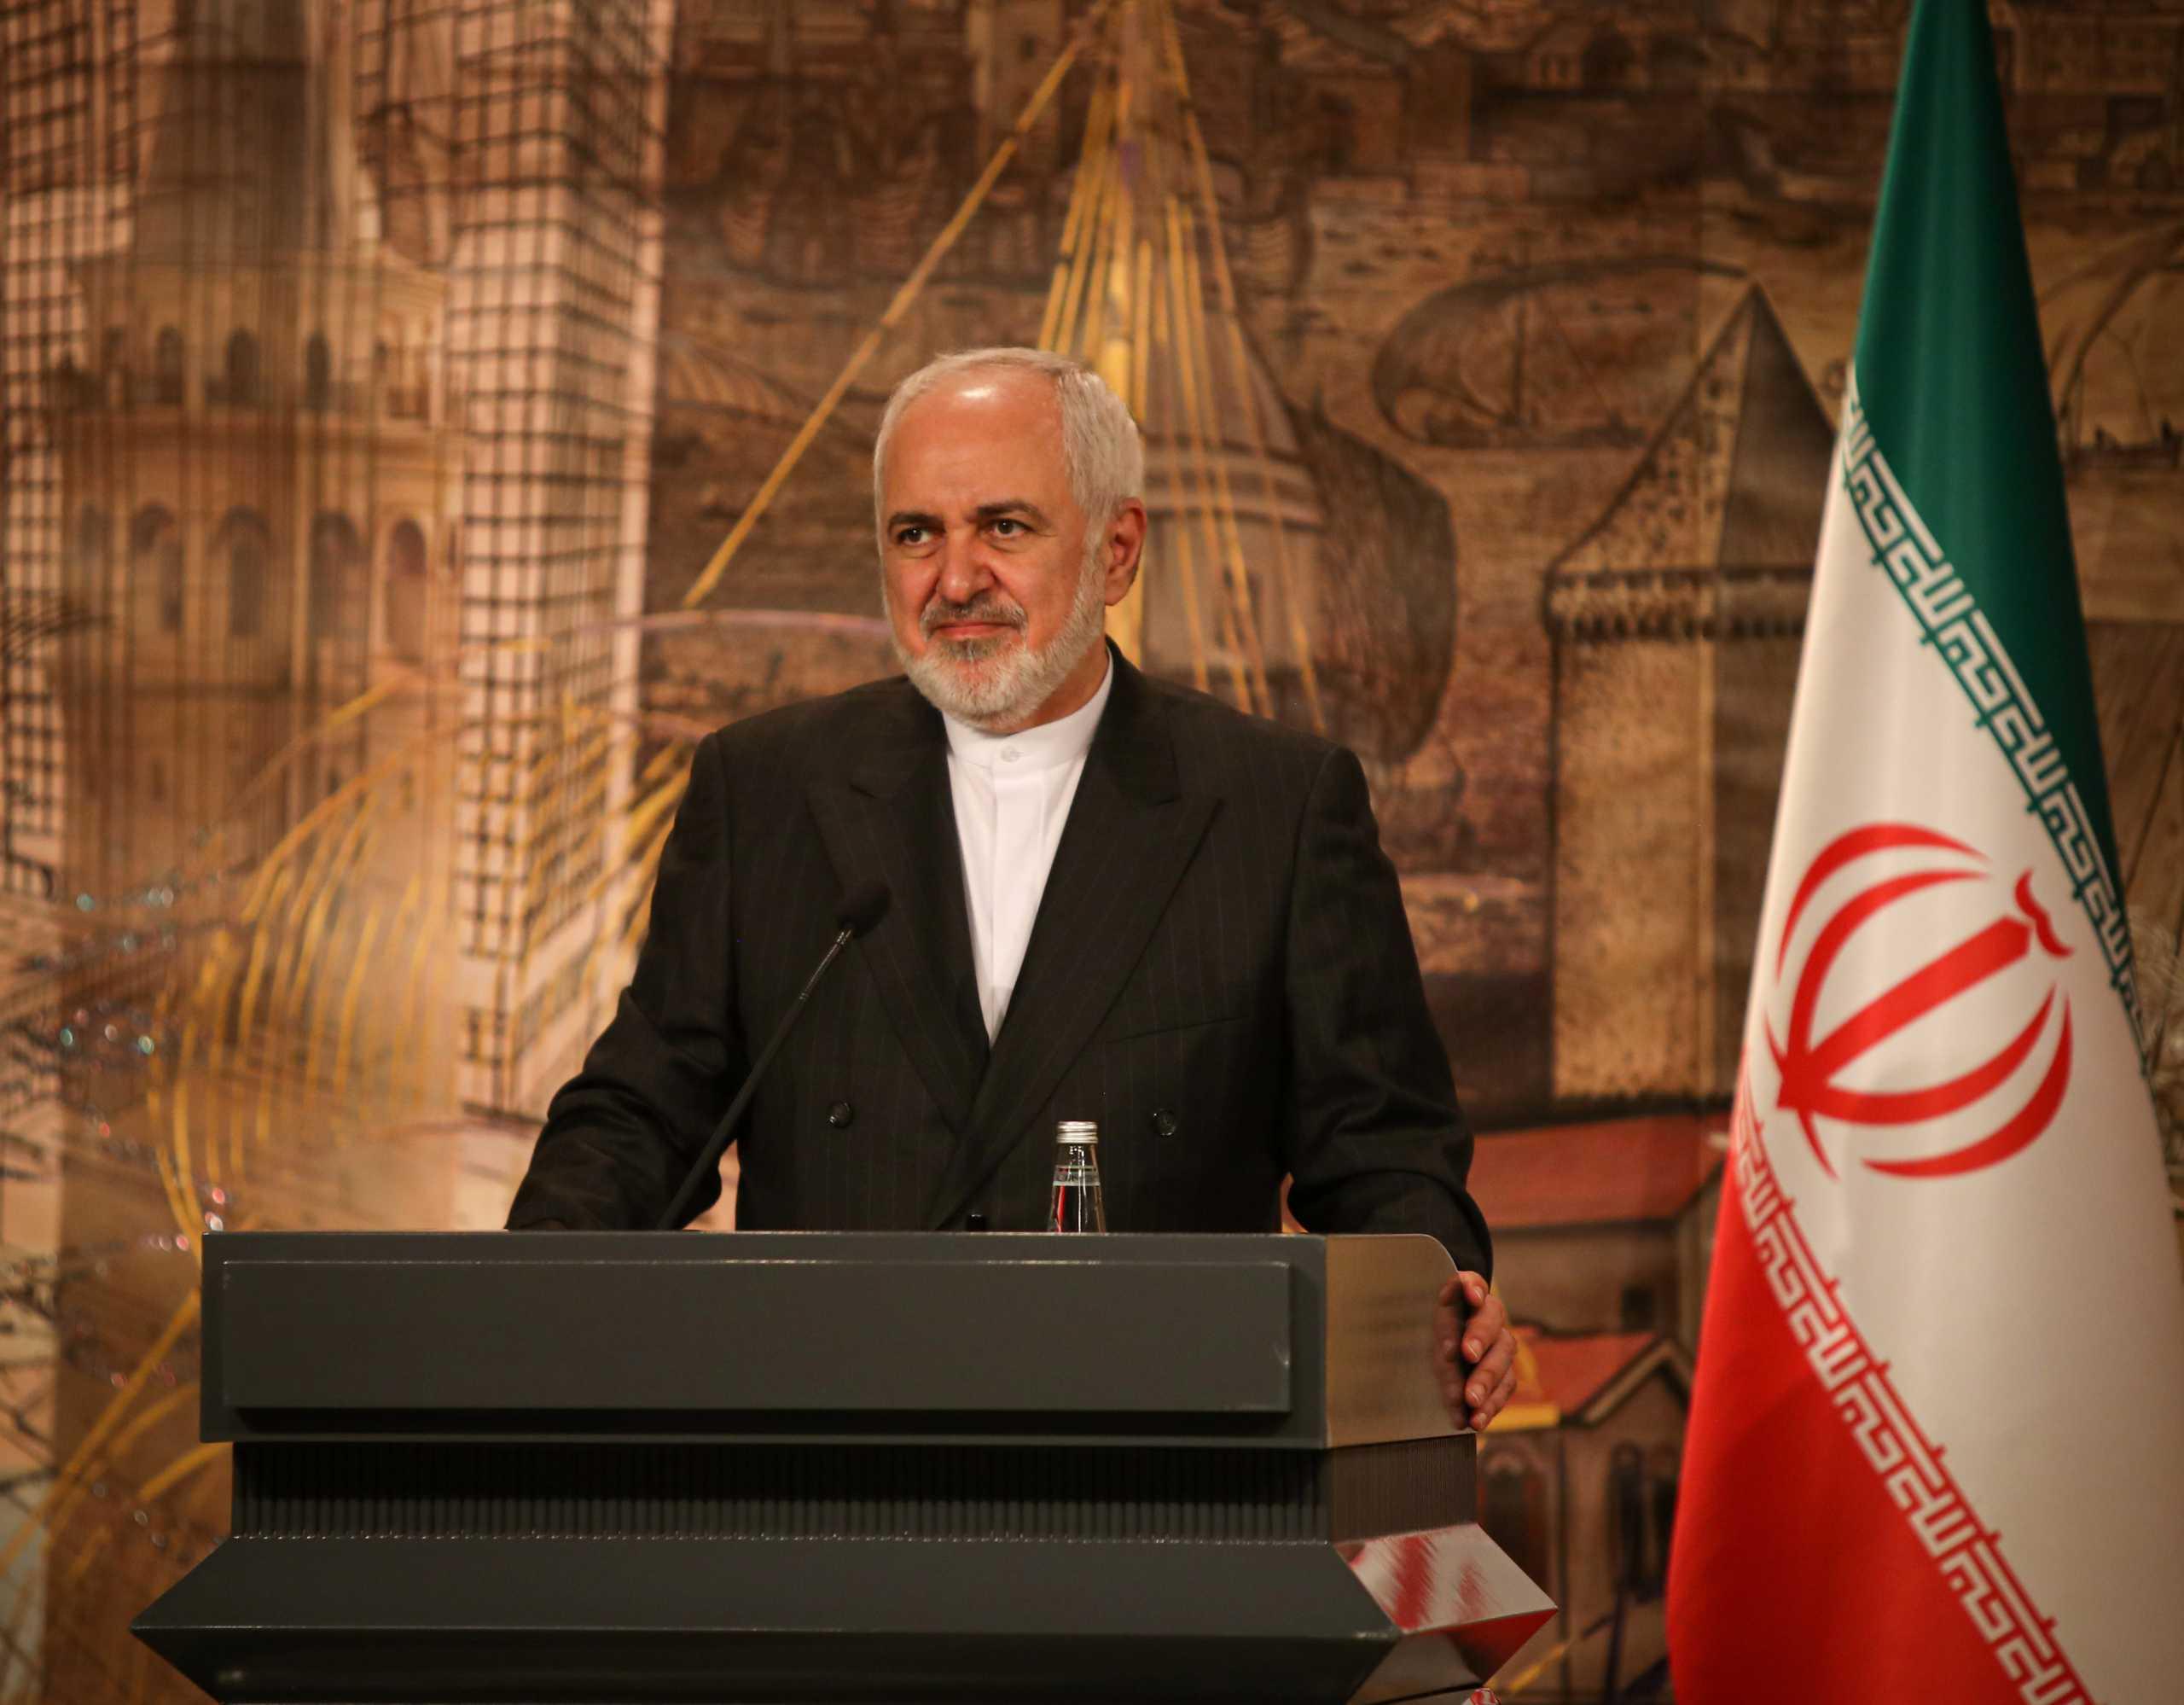 Ιράν σε ΗΠΑ: Αν άρετε δεν τις κυρώσεις δεν τηρούμε την πυρηνική συμφωνία